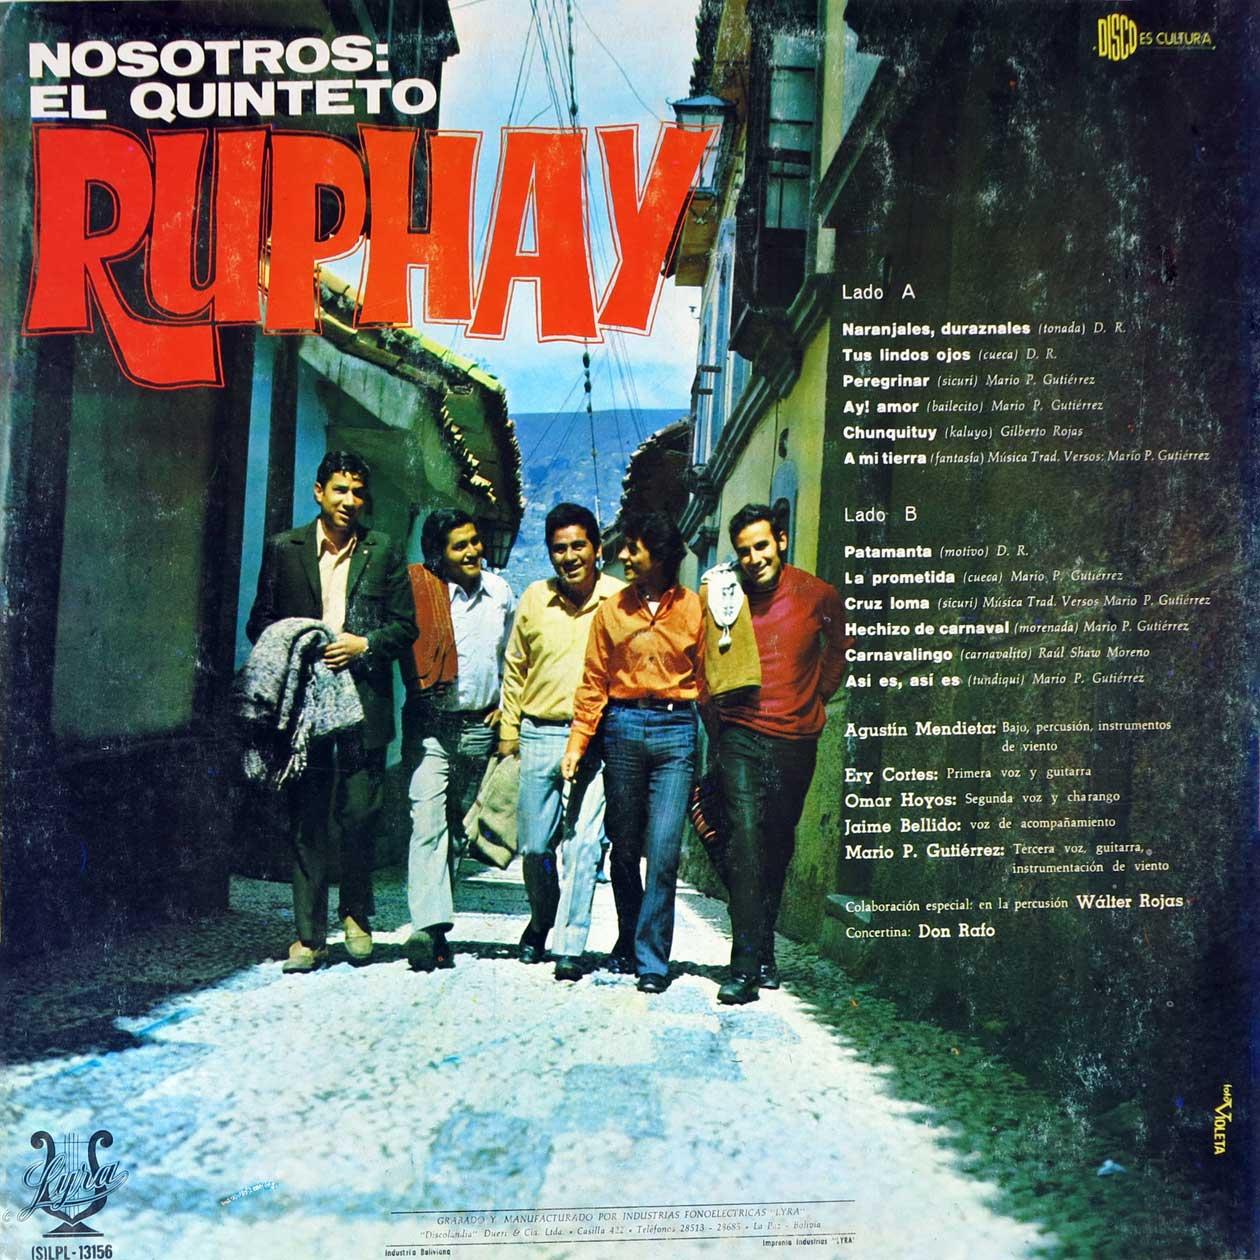 Nosotros: El quinteto Rhupay